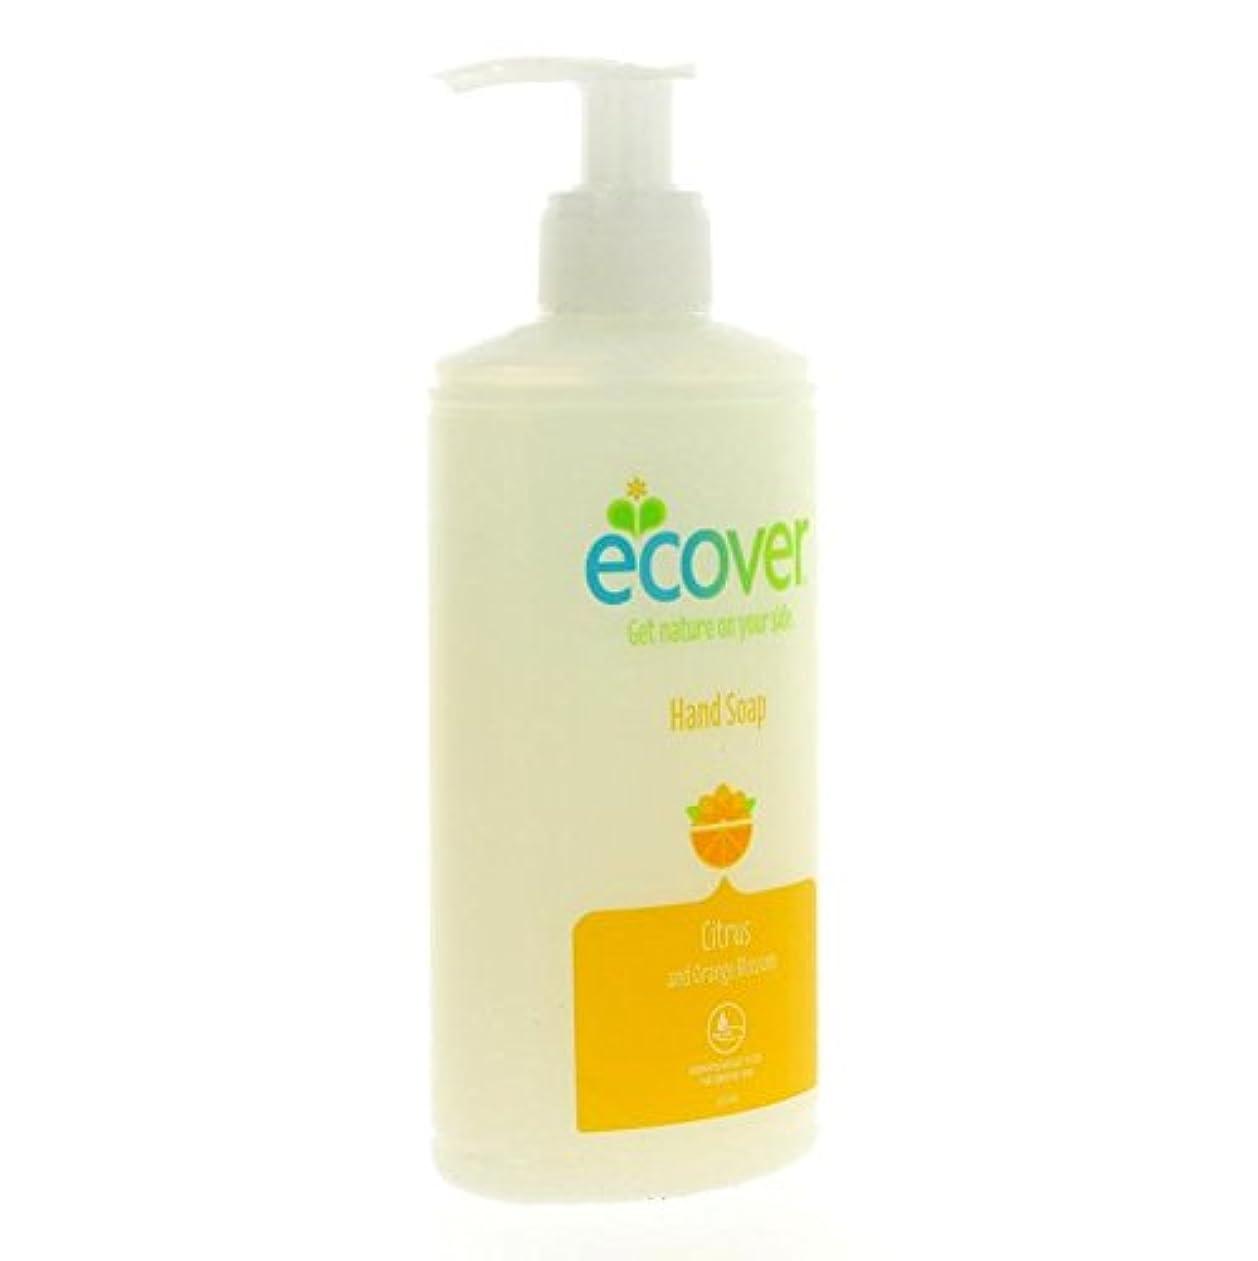 反逆工業用豚肉Ecover - Hand Soap - Citrus and Orange Blossom - 250ml (Case of 6)